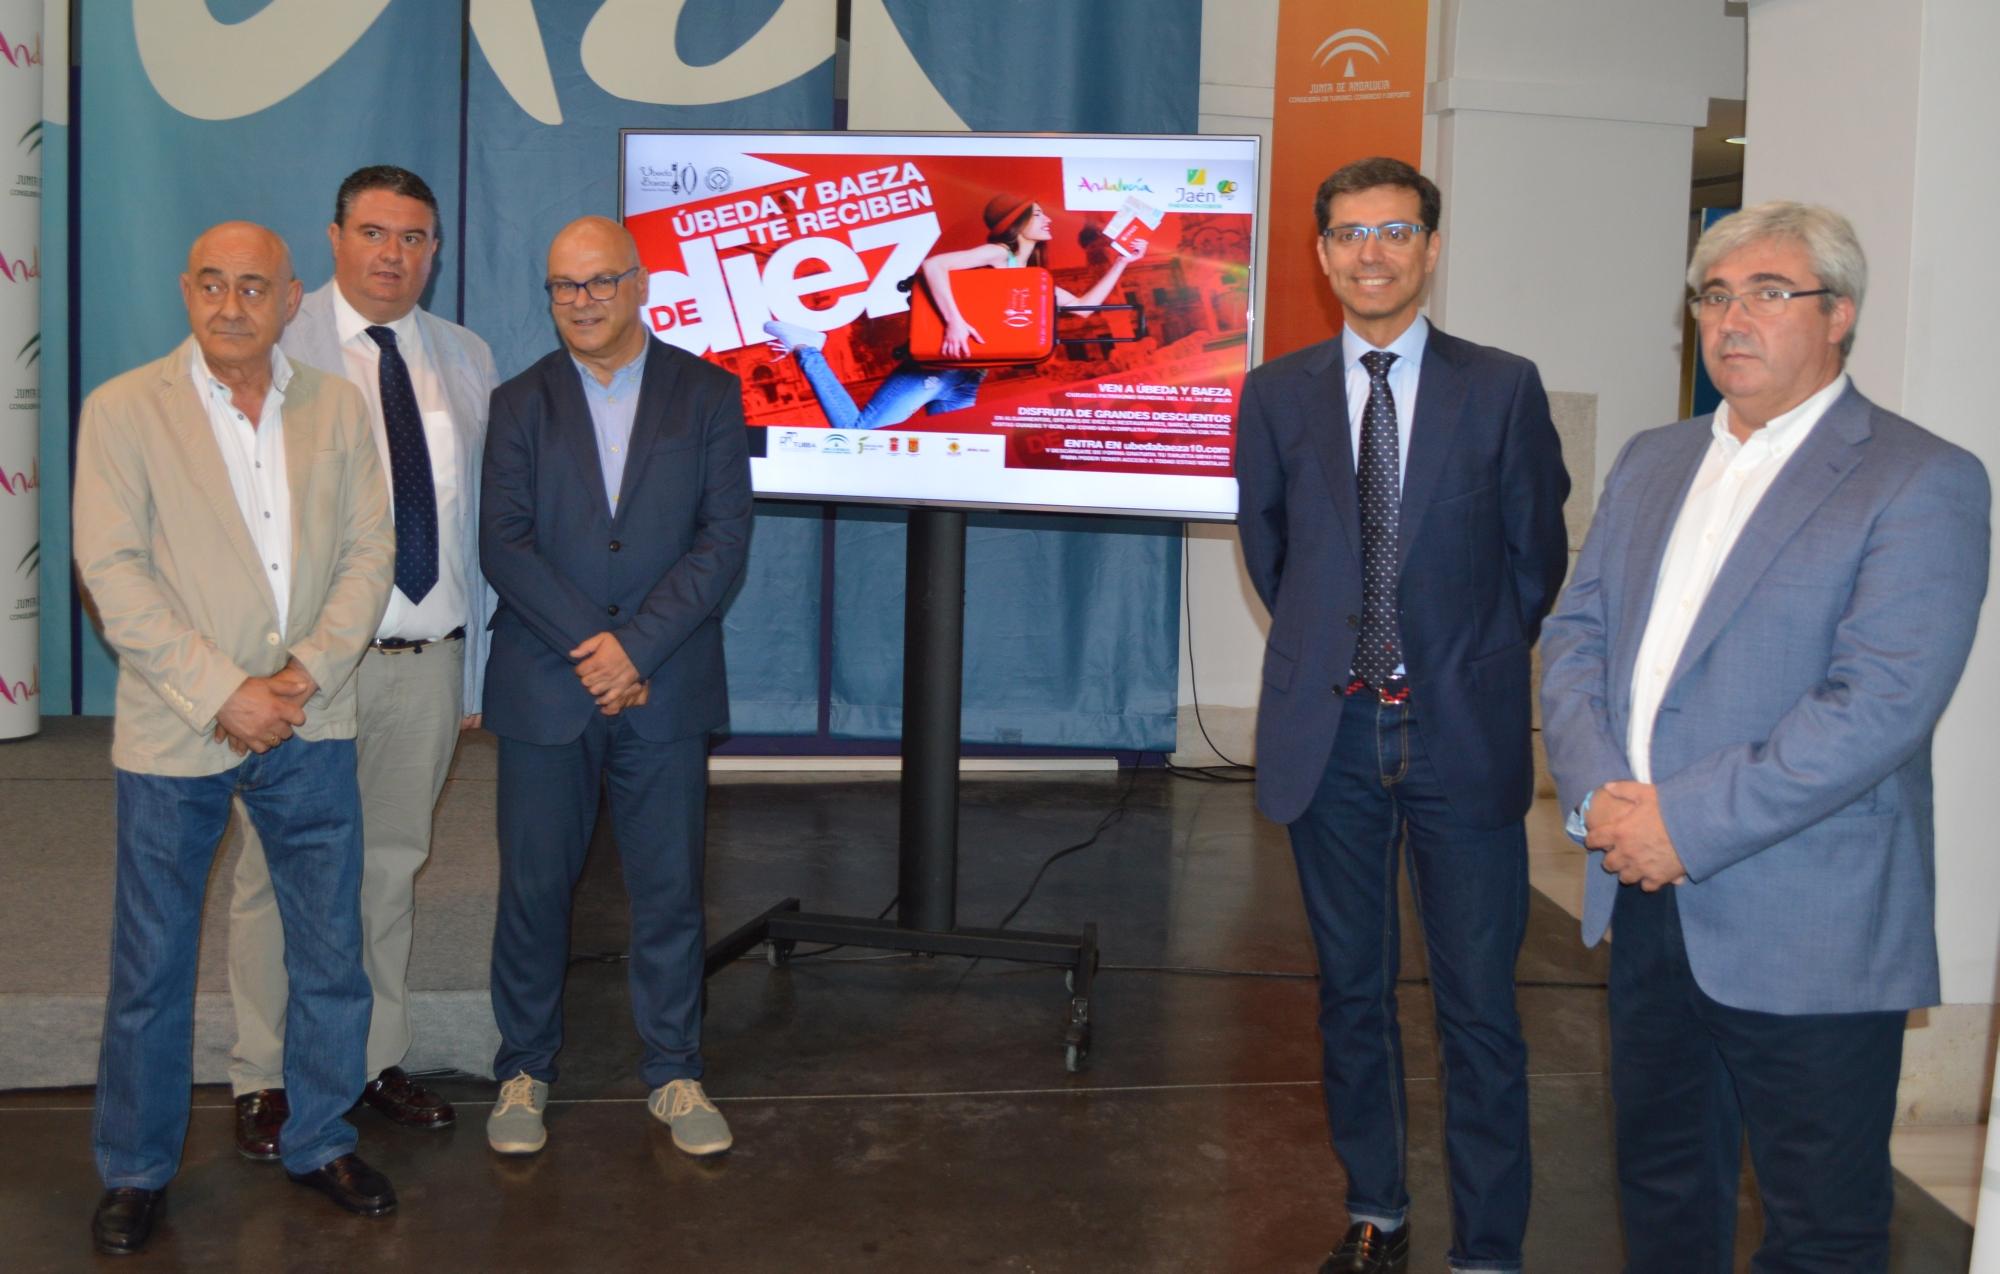 La Junta respalda la campaña 'Úbeda y Baeza te reciben de diez' por su apuesta por la desestacionalización